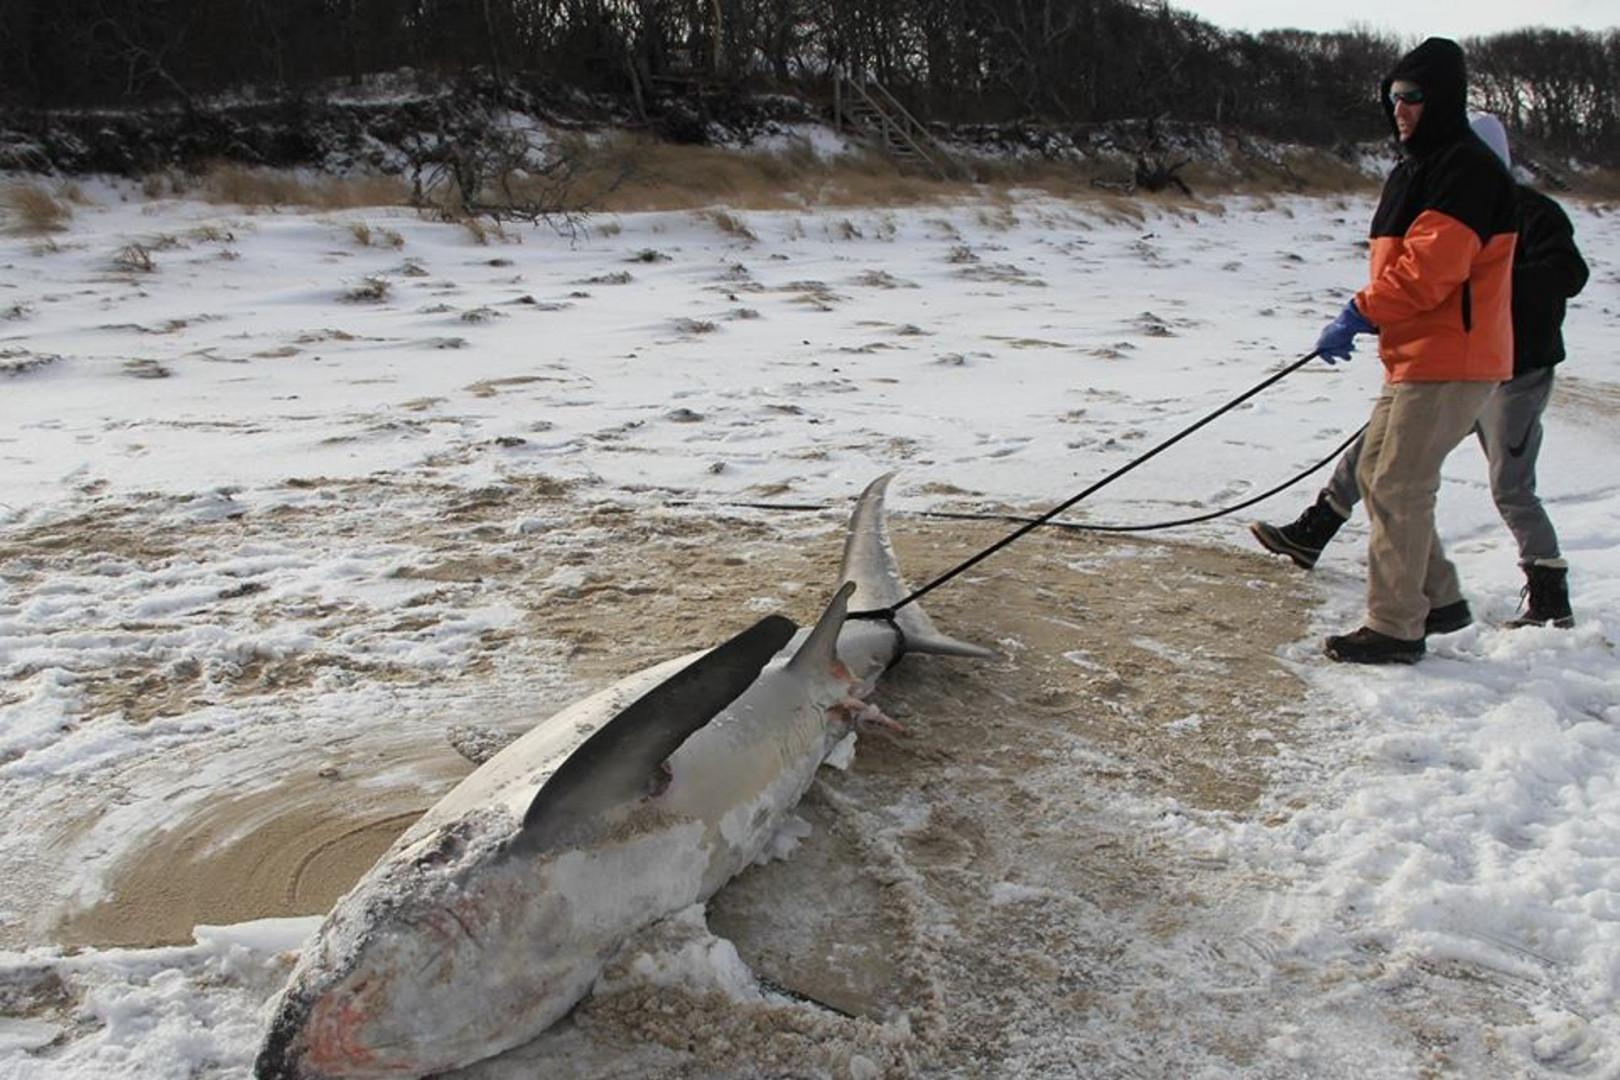 À cause du froid, de nombreux requins sont morts congelés